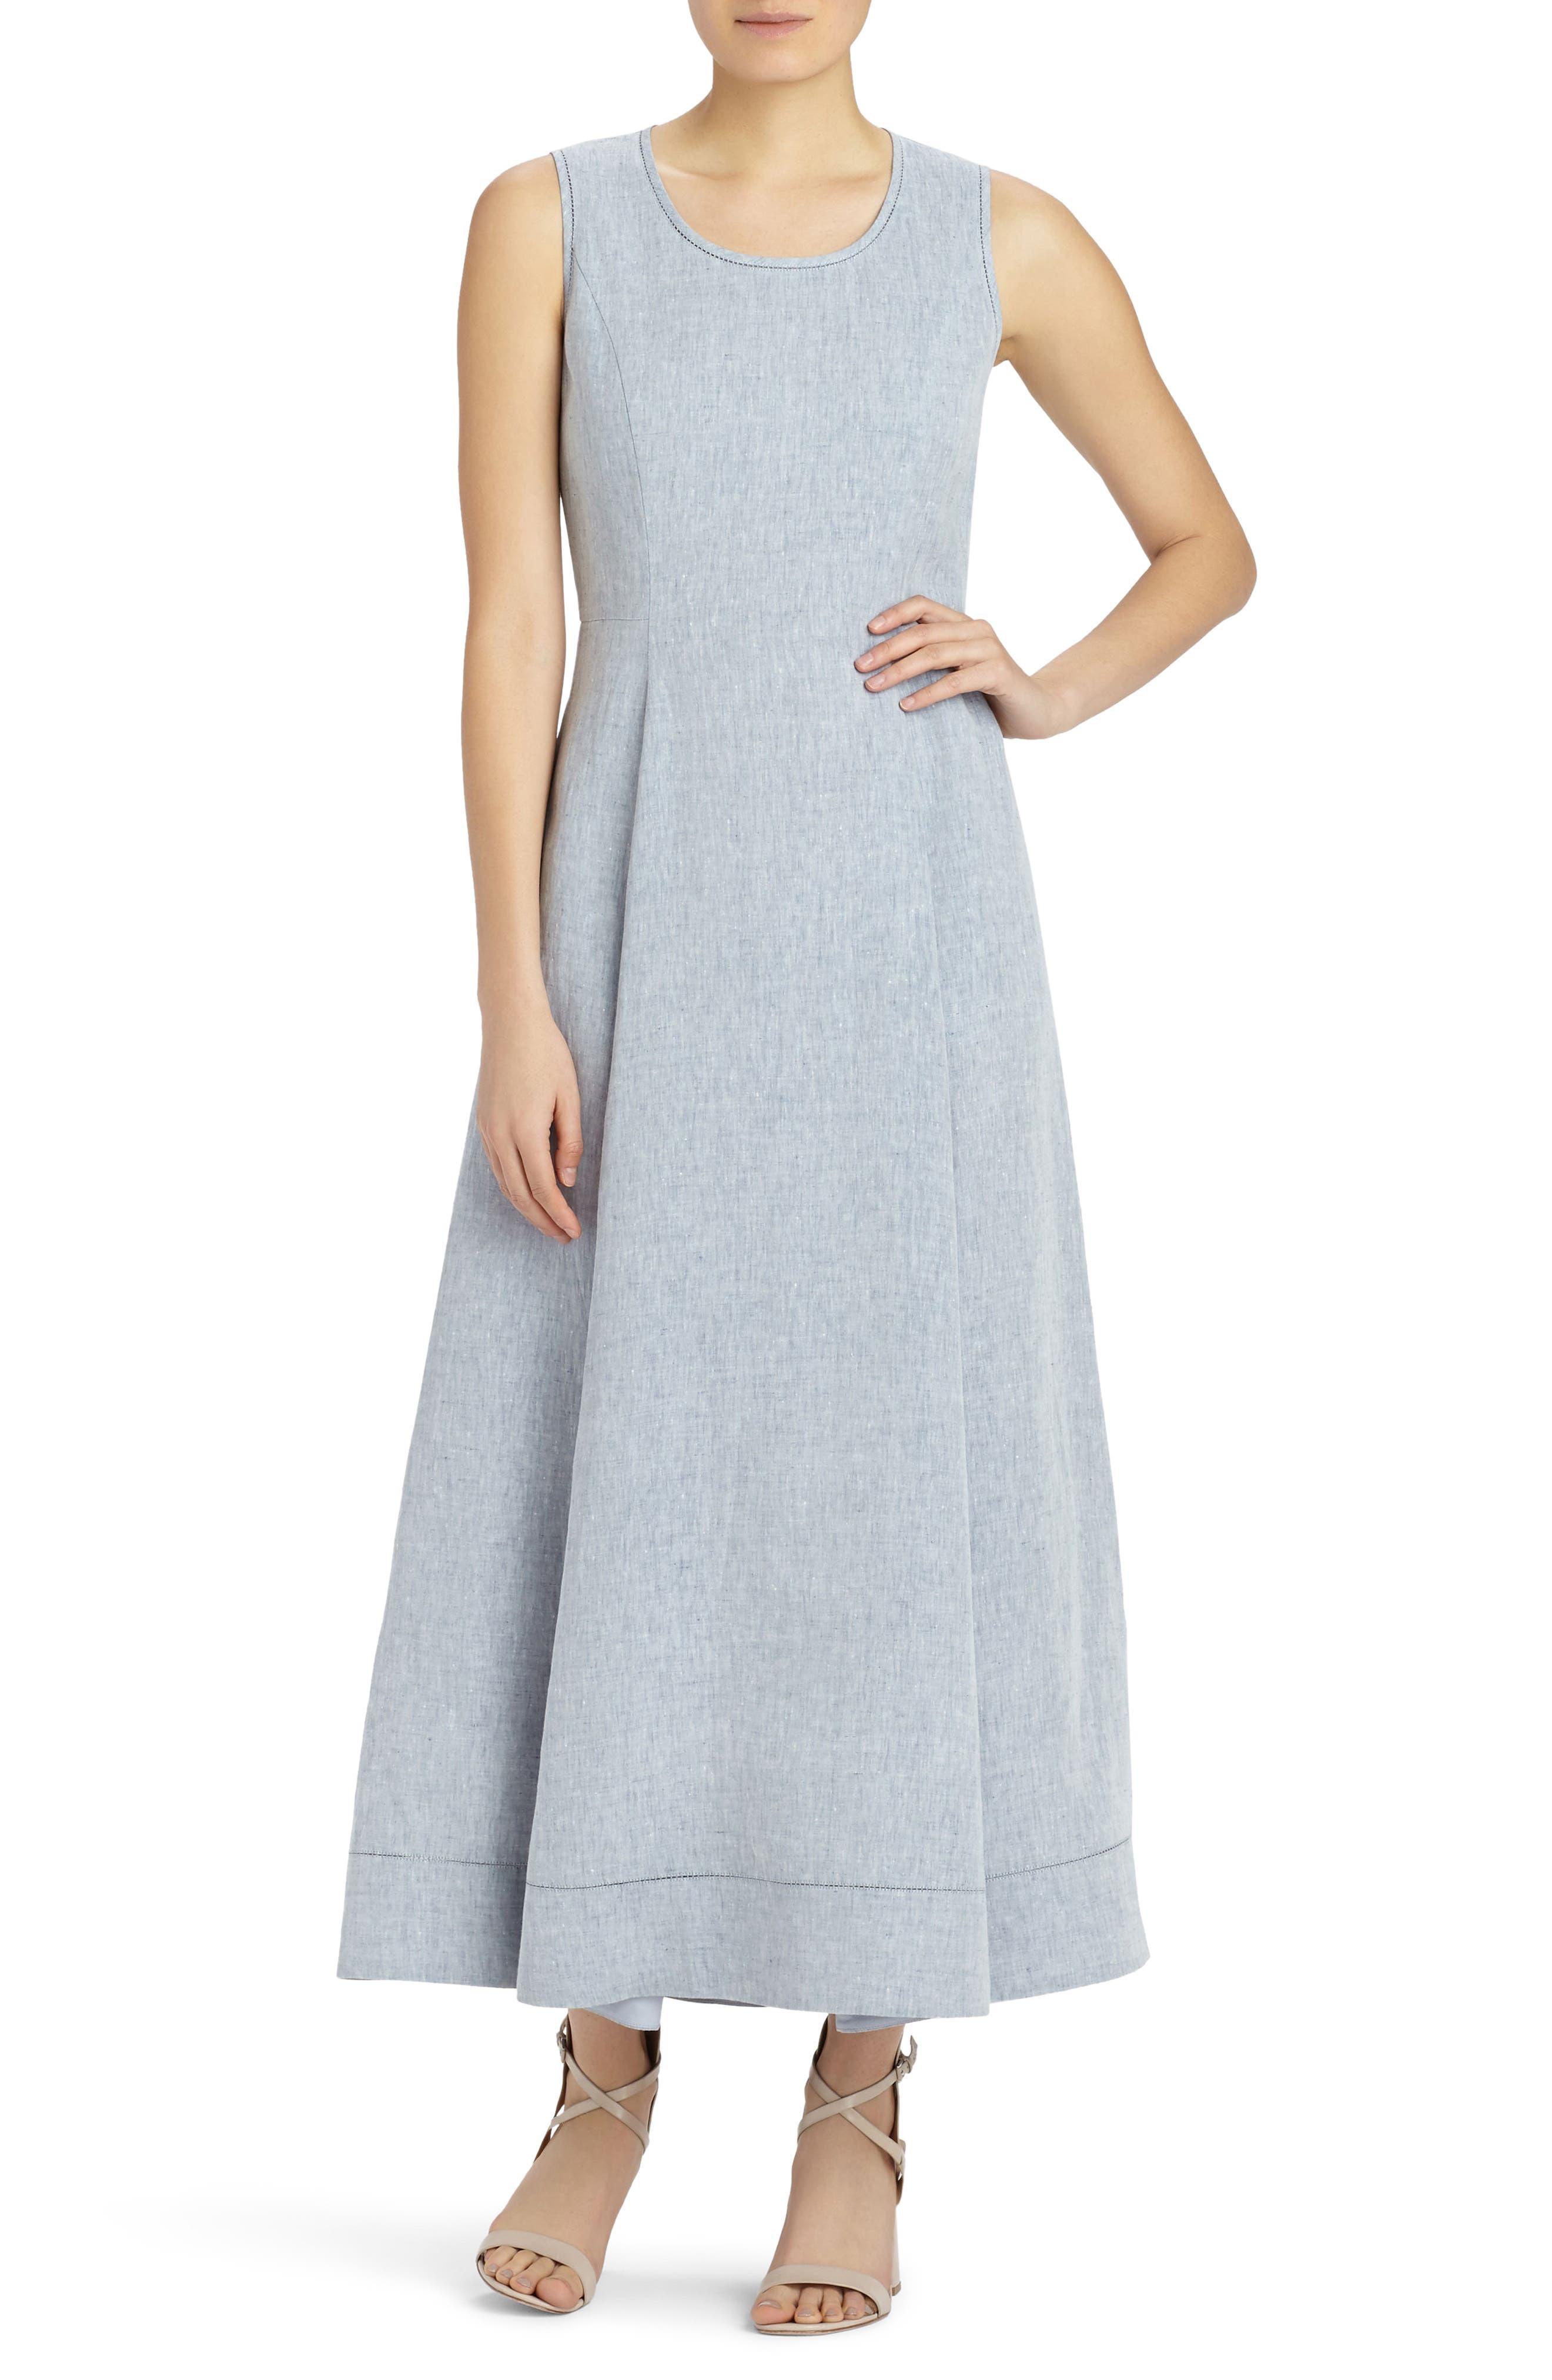 Lafayette 148 New York Carressa Linen Dress